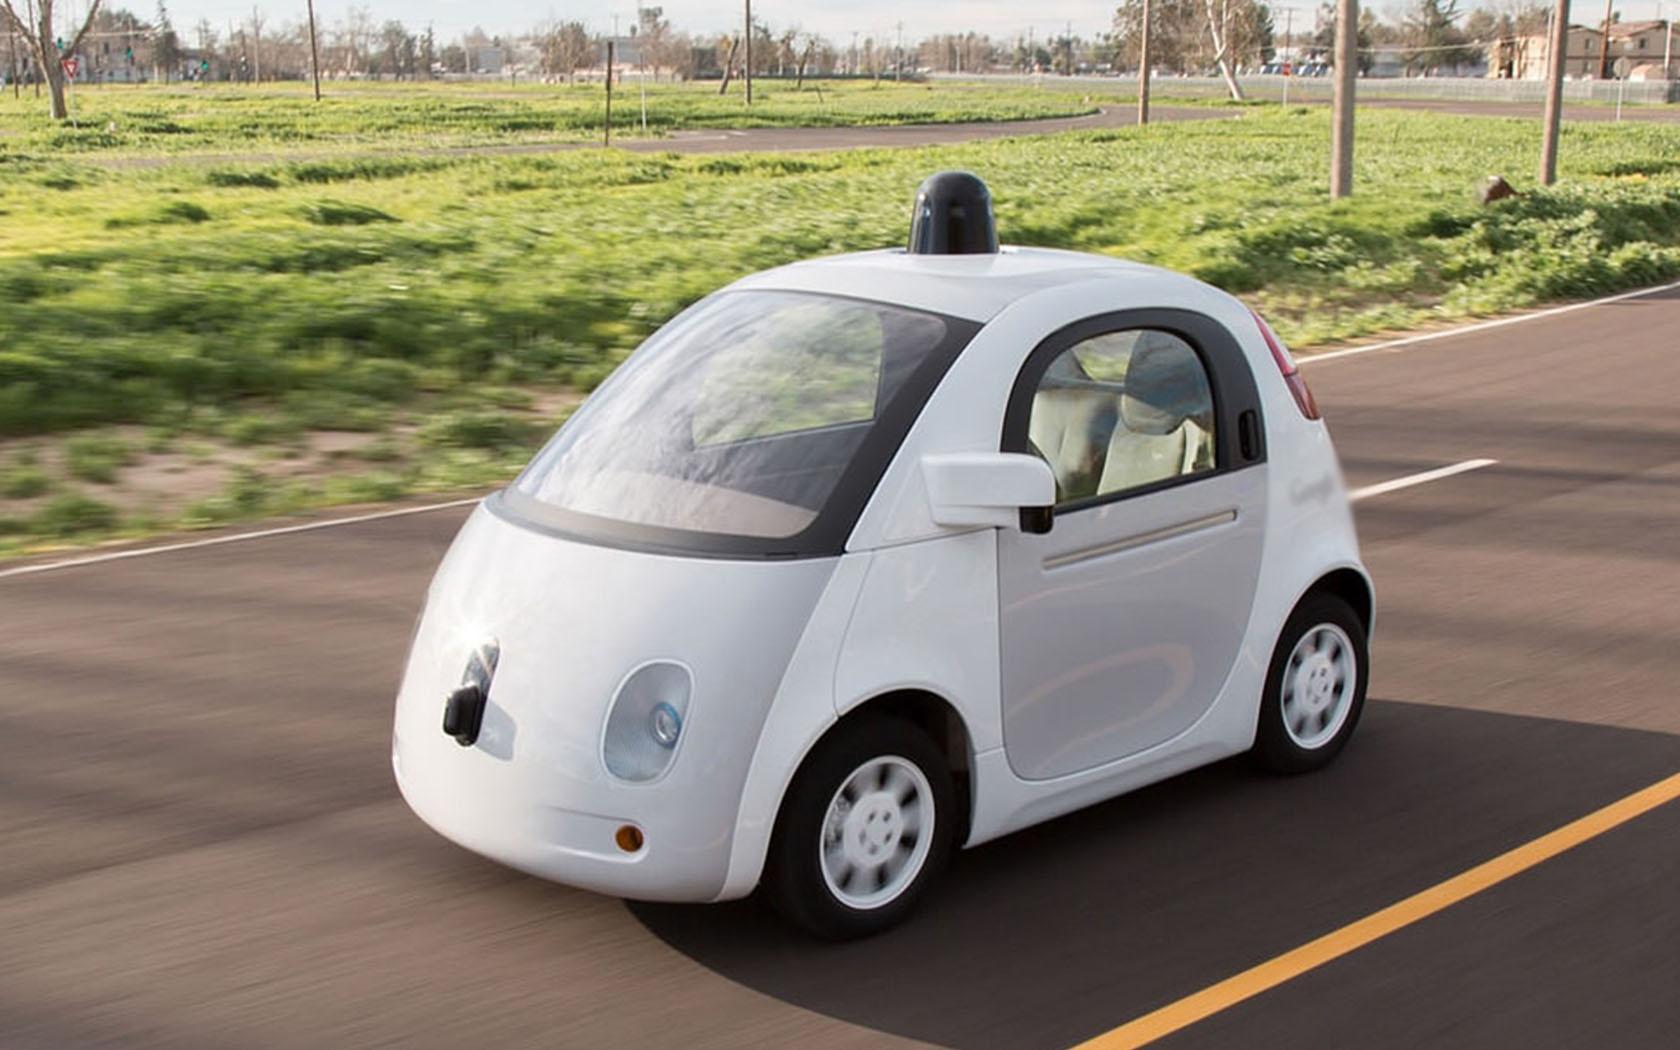 Guida autonoma: cos'è e quali effetti avrà sul mercato assicurativo?